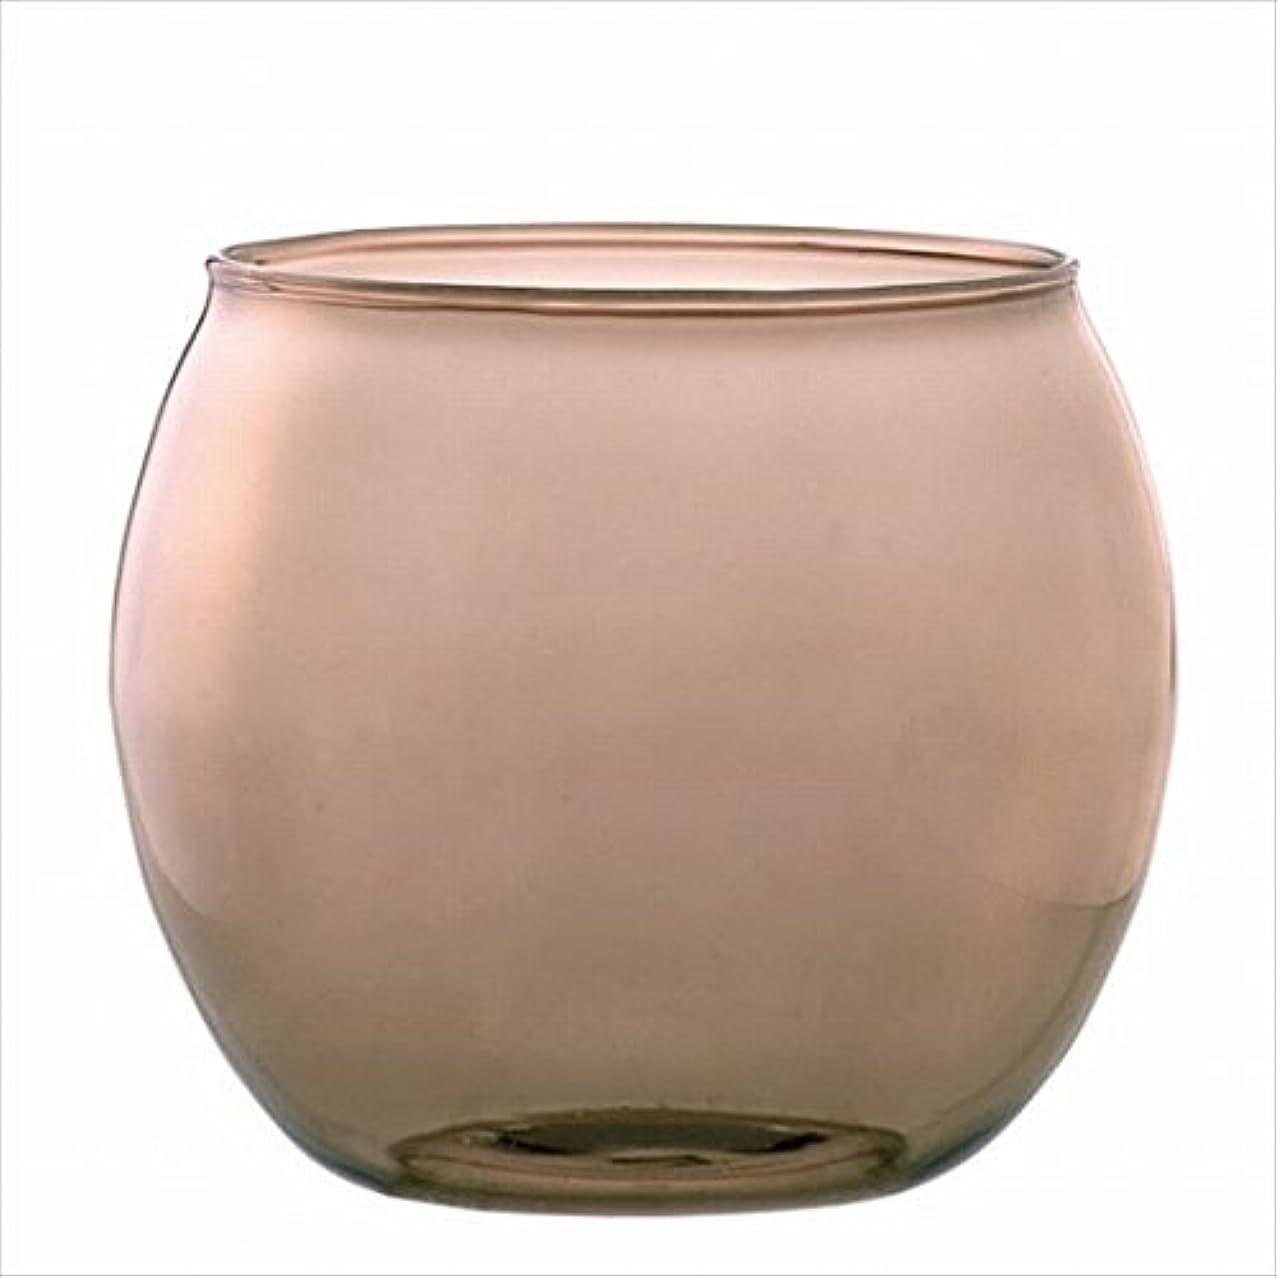 花輪強調する仲人カメヤマキャンドル(kameyama candle) スフィアキャンドルホルダー 「 ベージュ 」